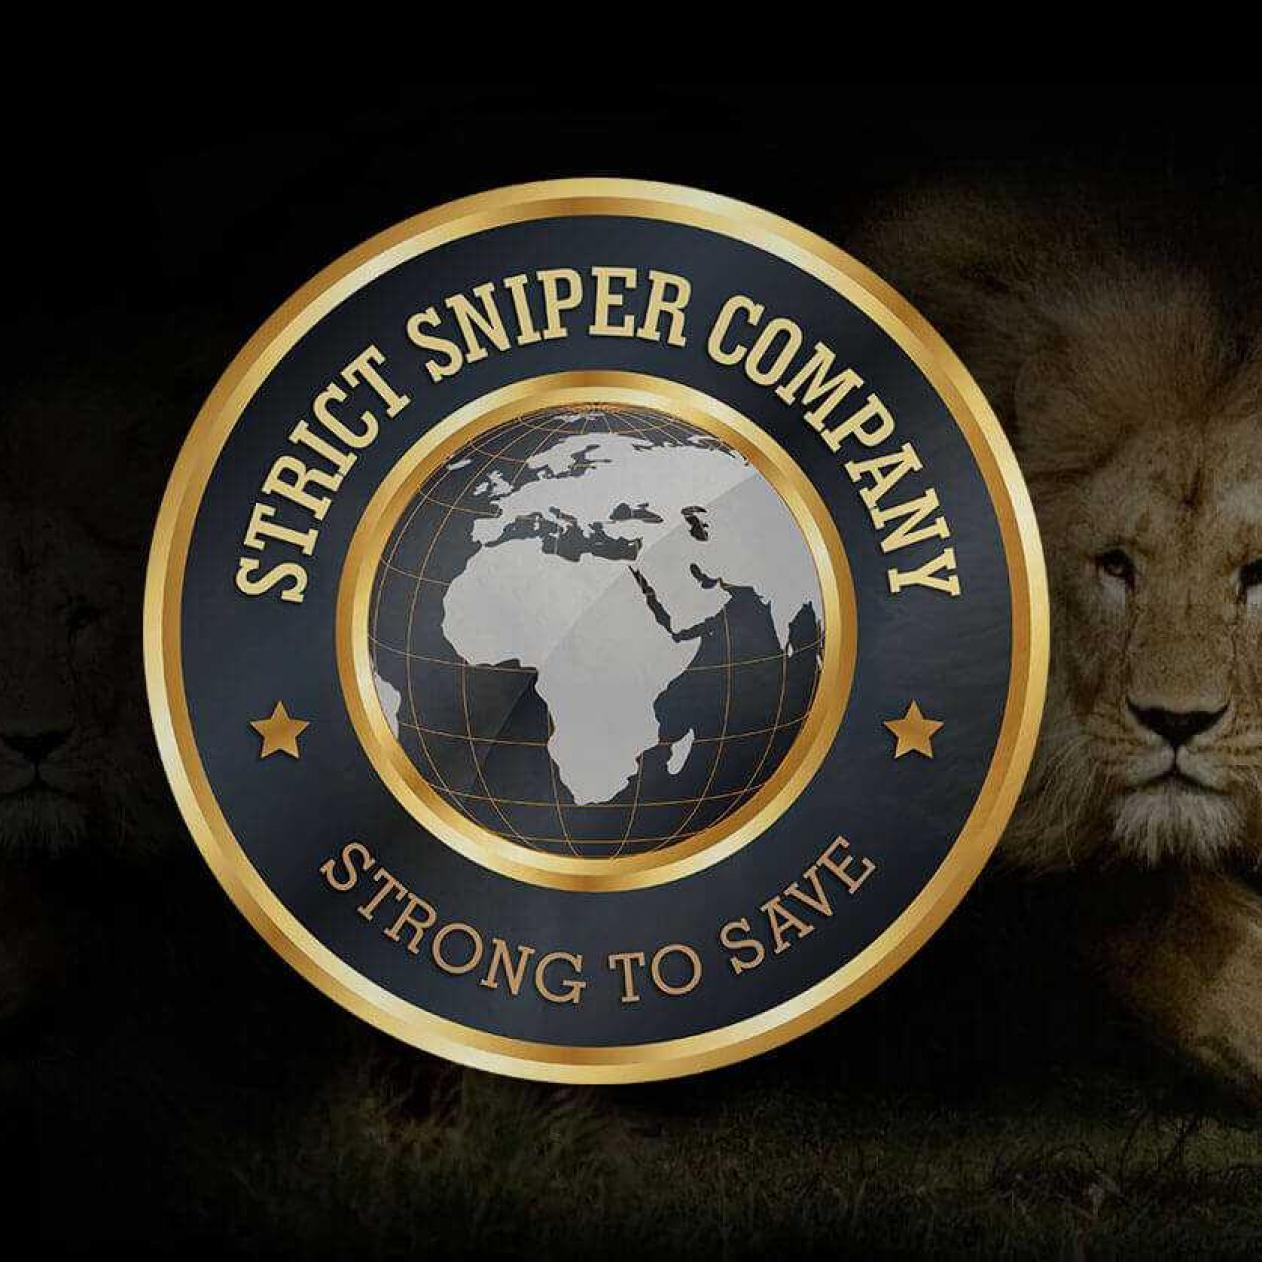 Strict Sniper Company Erbil